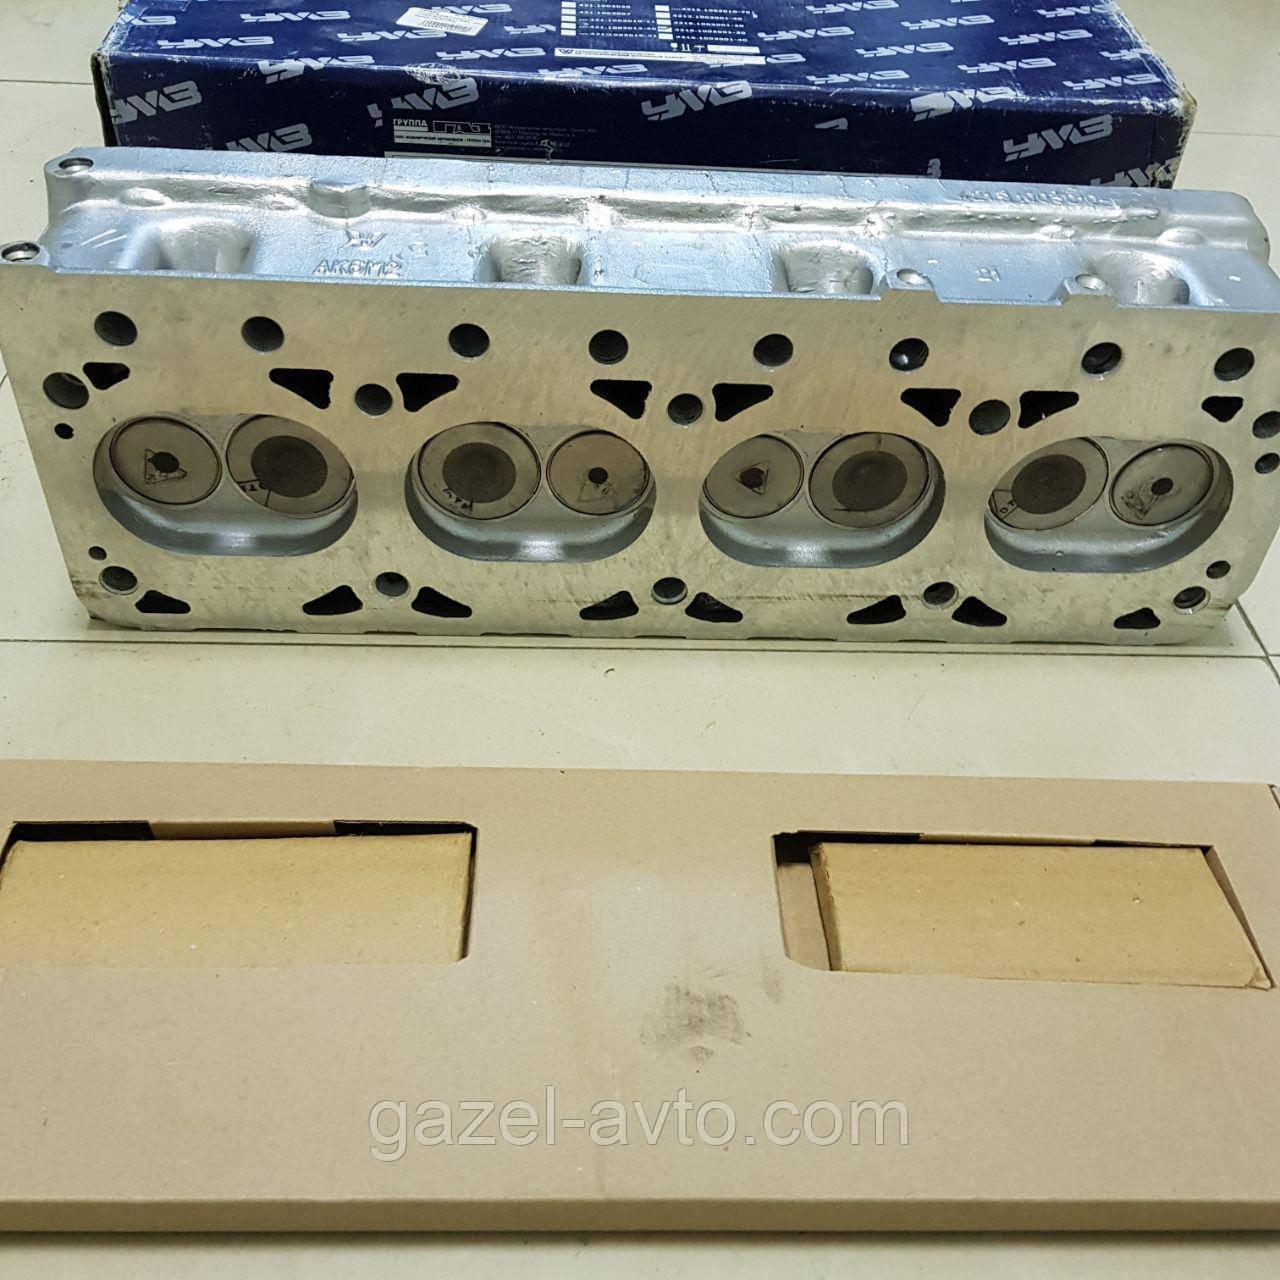 Головка блока Газель,УАЗ дв.4216,4213 инжект с клапанами, прокладкой и крепежами (пр-во УМЗ)